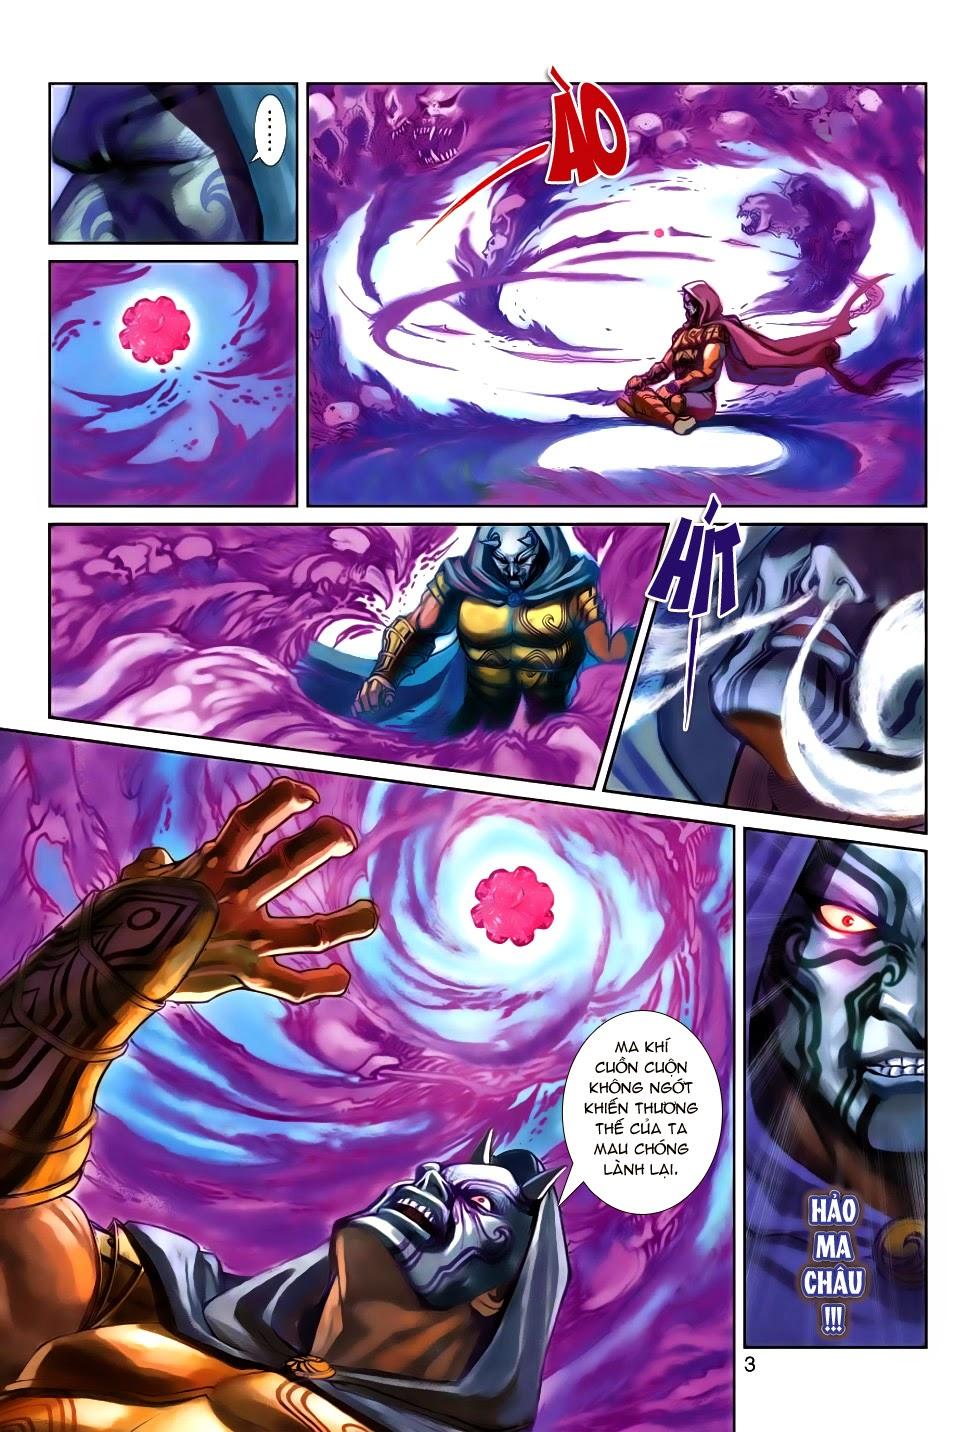 Thần Binh Tiền Truyện 4 - Huyền Thiên Tà Đế chap 5 - Trang 3